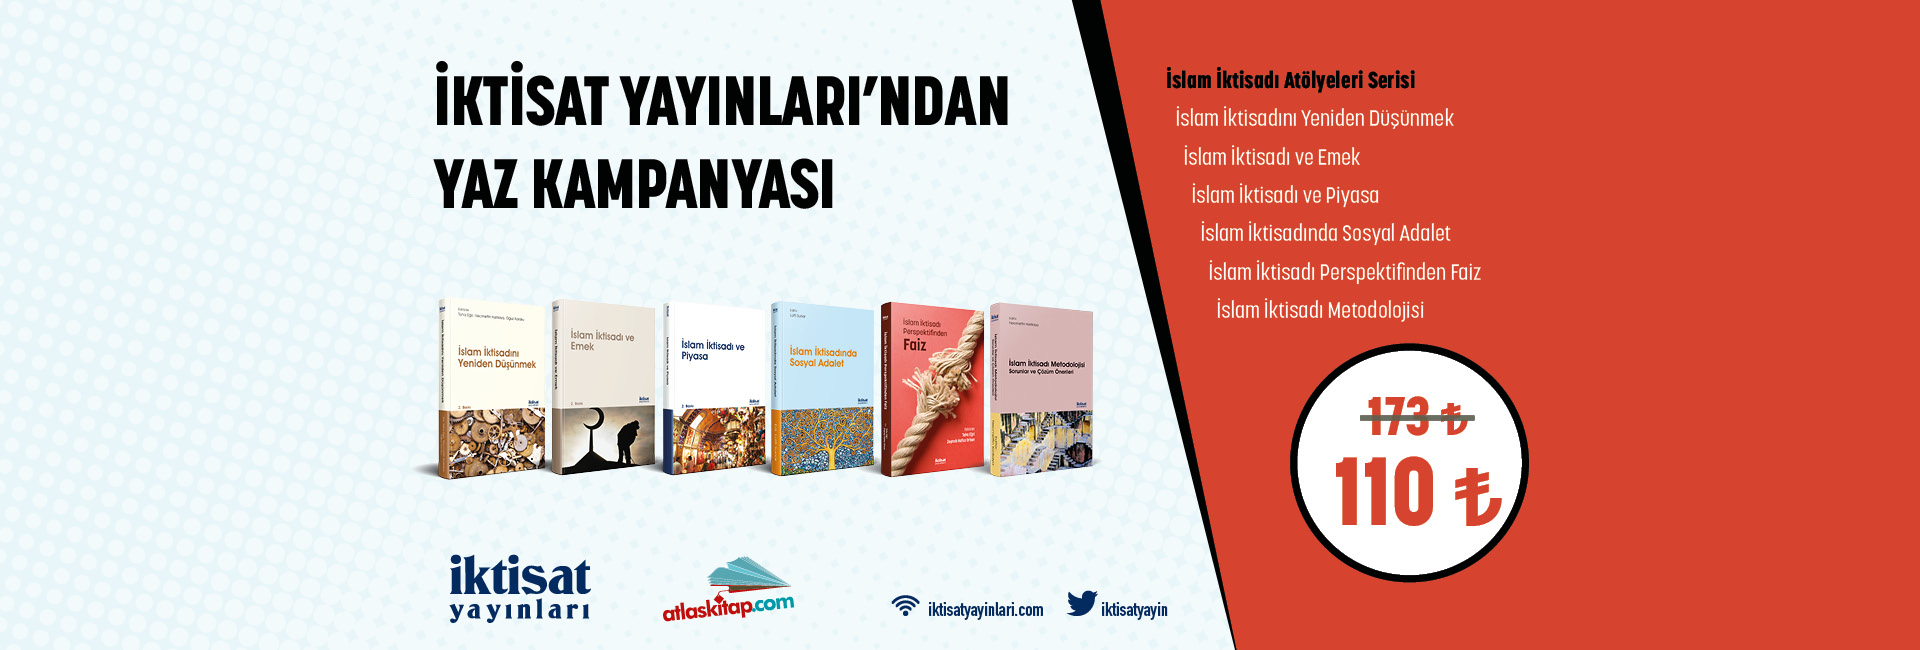 http://www.iktisatyayinlari.com/content/1-home/iiayazkampanyasi_web3.jpg